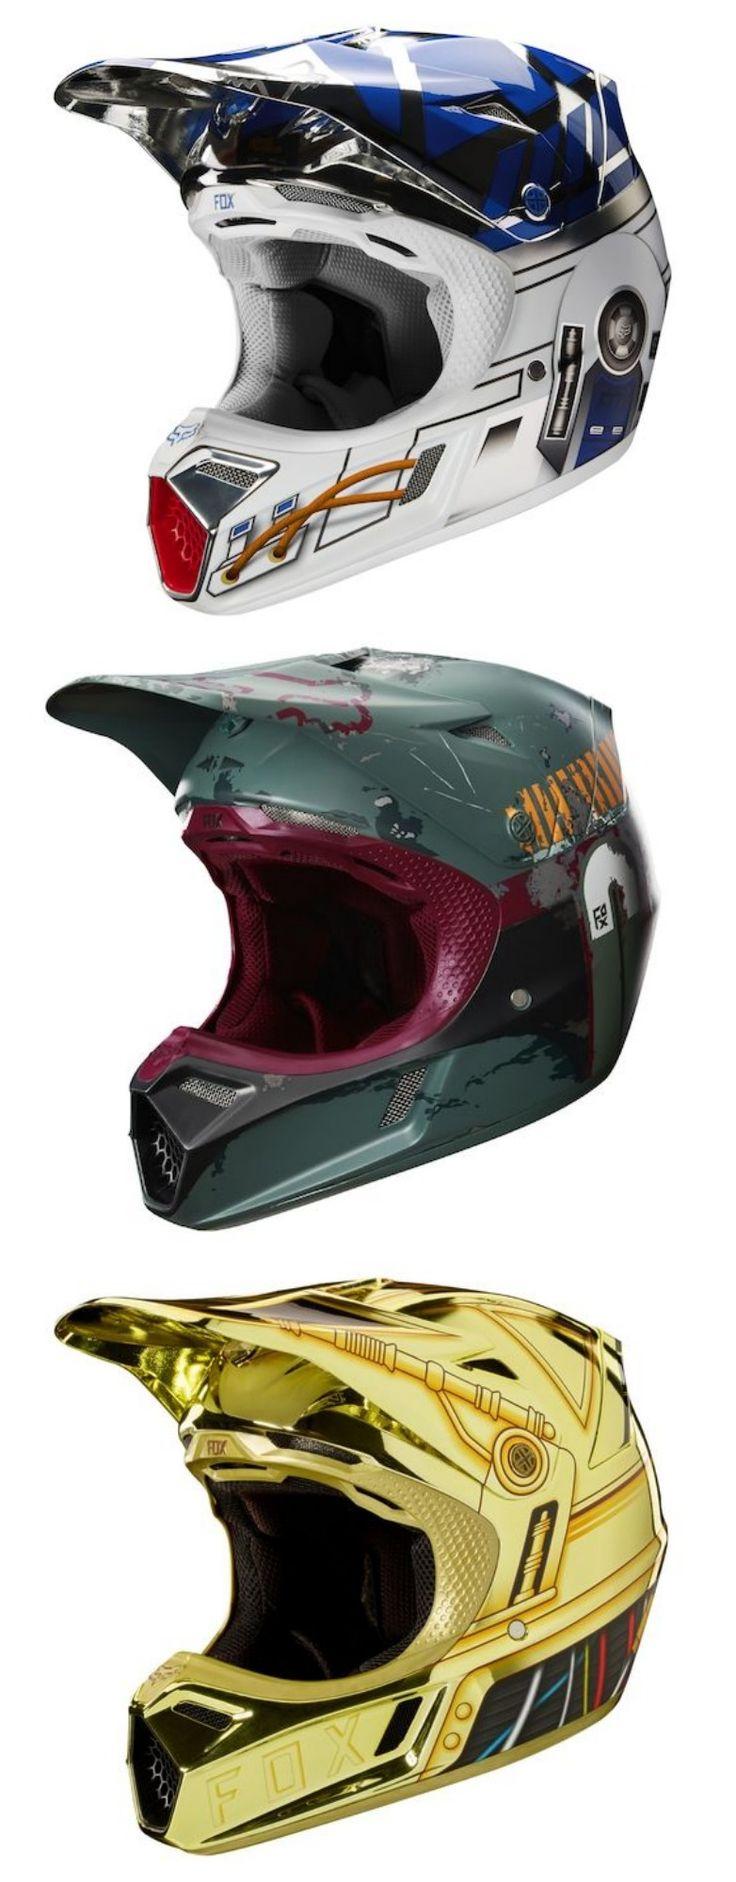 310 best helmet images on Pinterest | Motorcycle helmet, Motorcycle ...